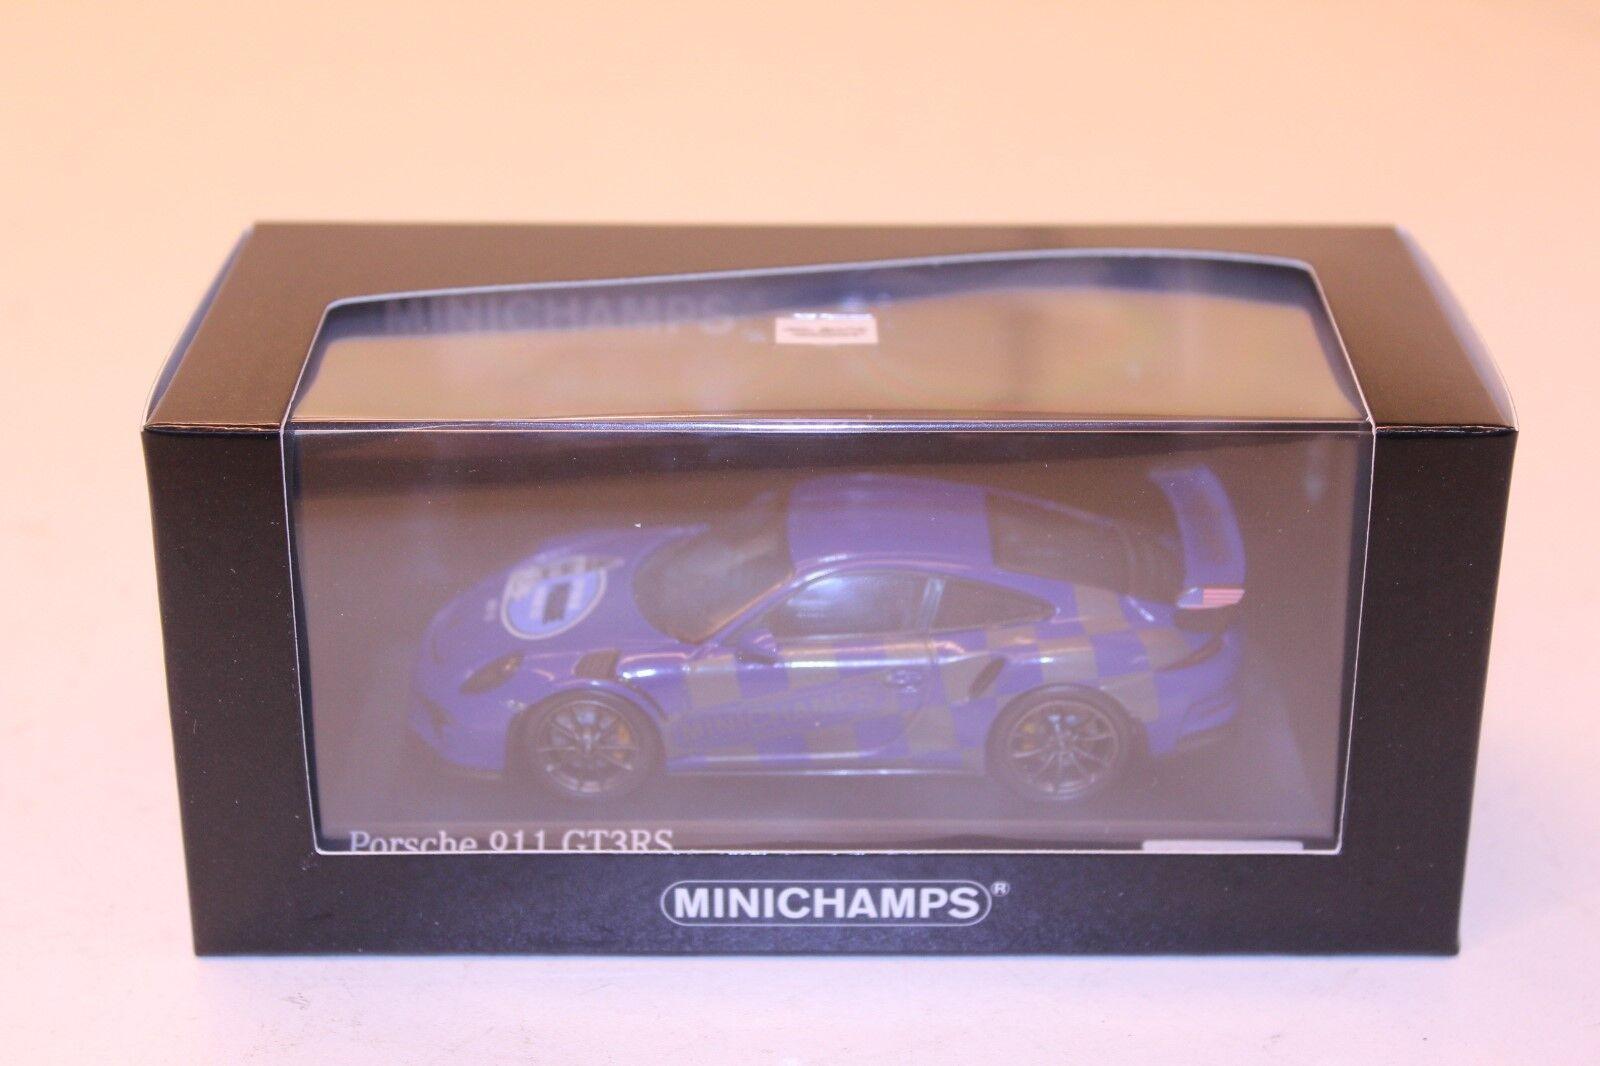 Minichamps 1 43 Porsche 911 991 GT3 RS Spokane PCA parade 2017 19 250 413063258